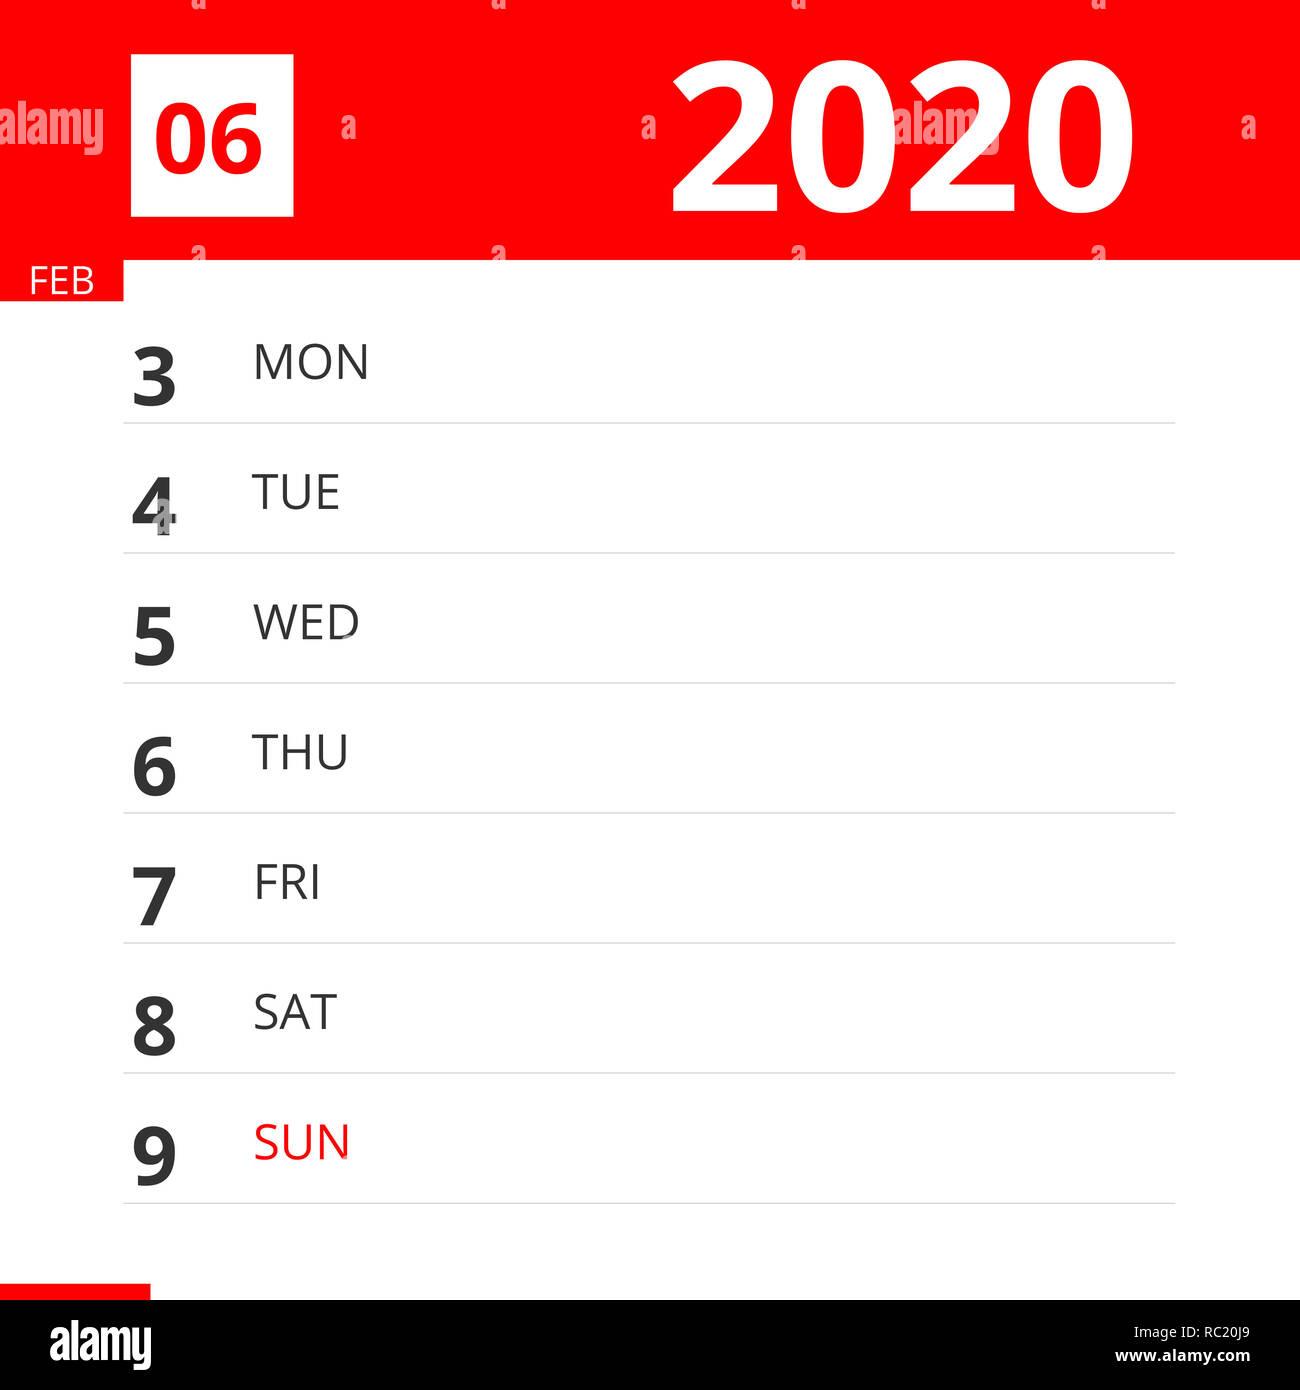 February 9 2020 Calendar Calendar planner for Week 06 in 2020, ends February 9, 2020 Stock